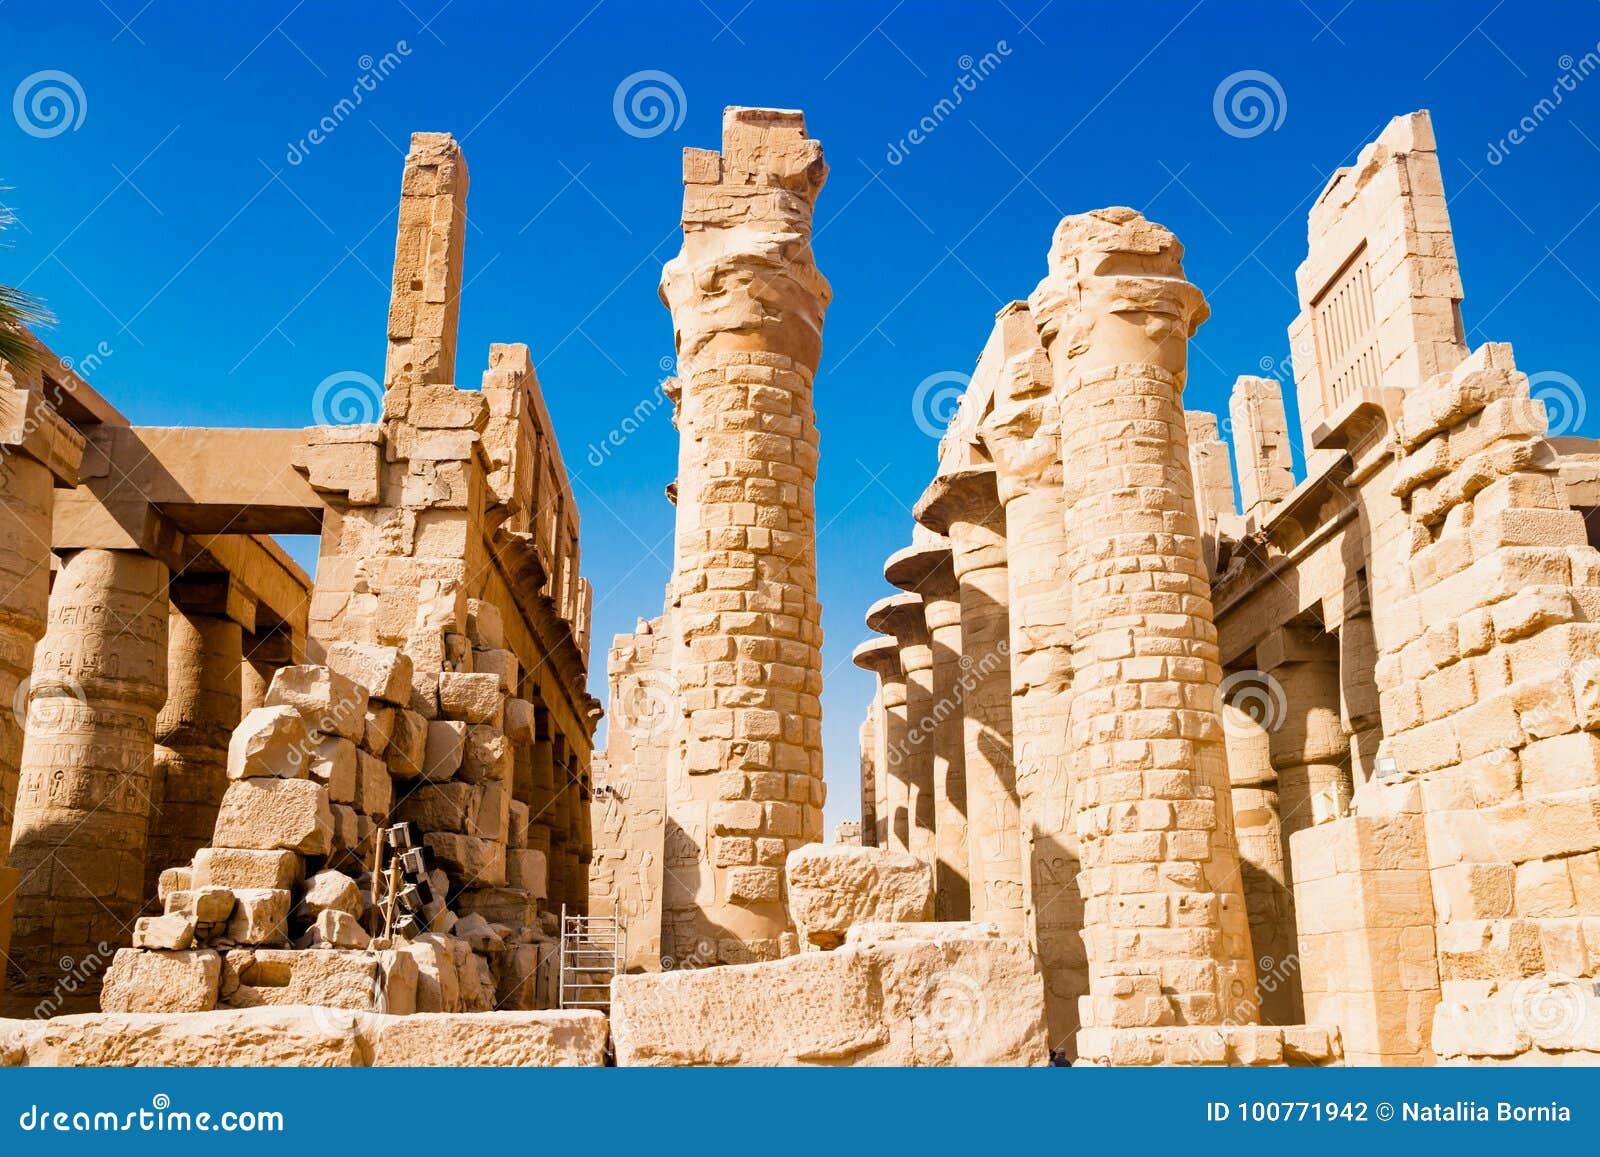 Colonnes hiéroglyphiques égyptiennes à Louxor, Egypte